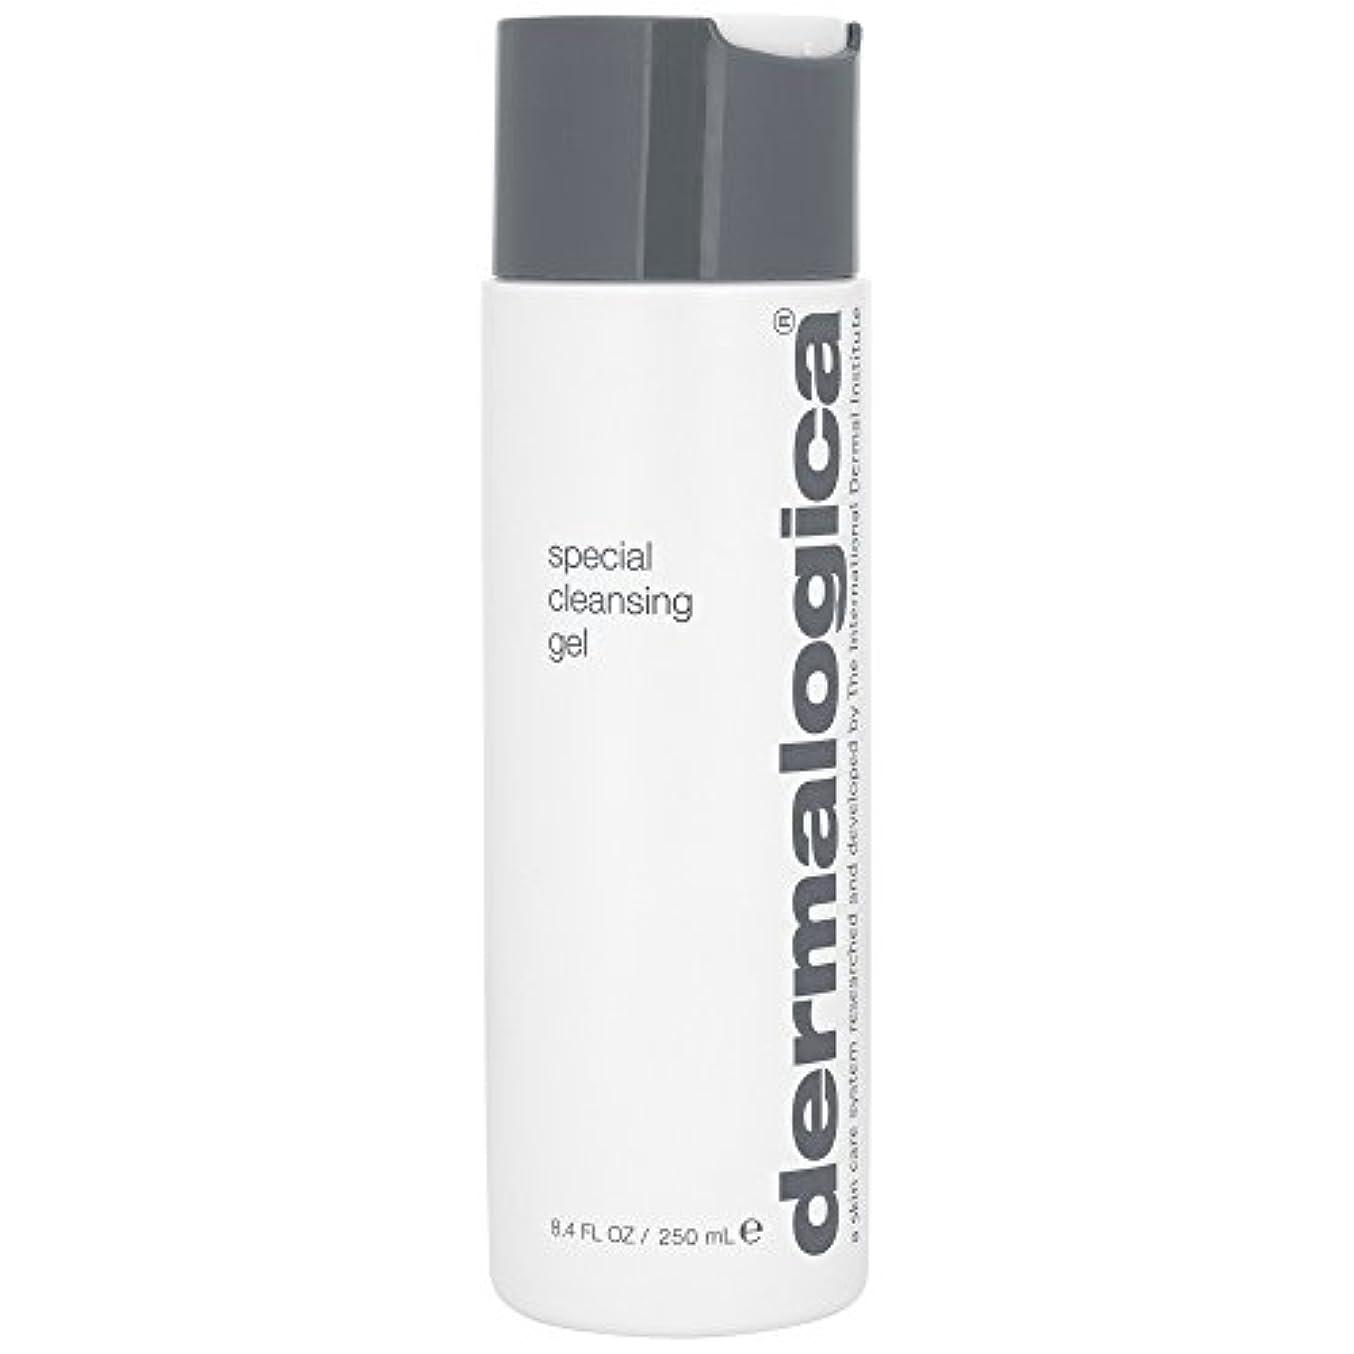 飛行機無知初心者ダーマロジカ特別なクレンジングゲル250ミリリットル (Dermalogica) (x6) - Dermalogica Special Cleansing Gel 250ml (Pack of 6) [並行輸入品]